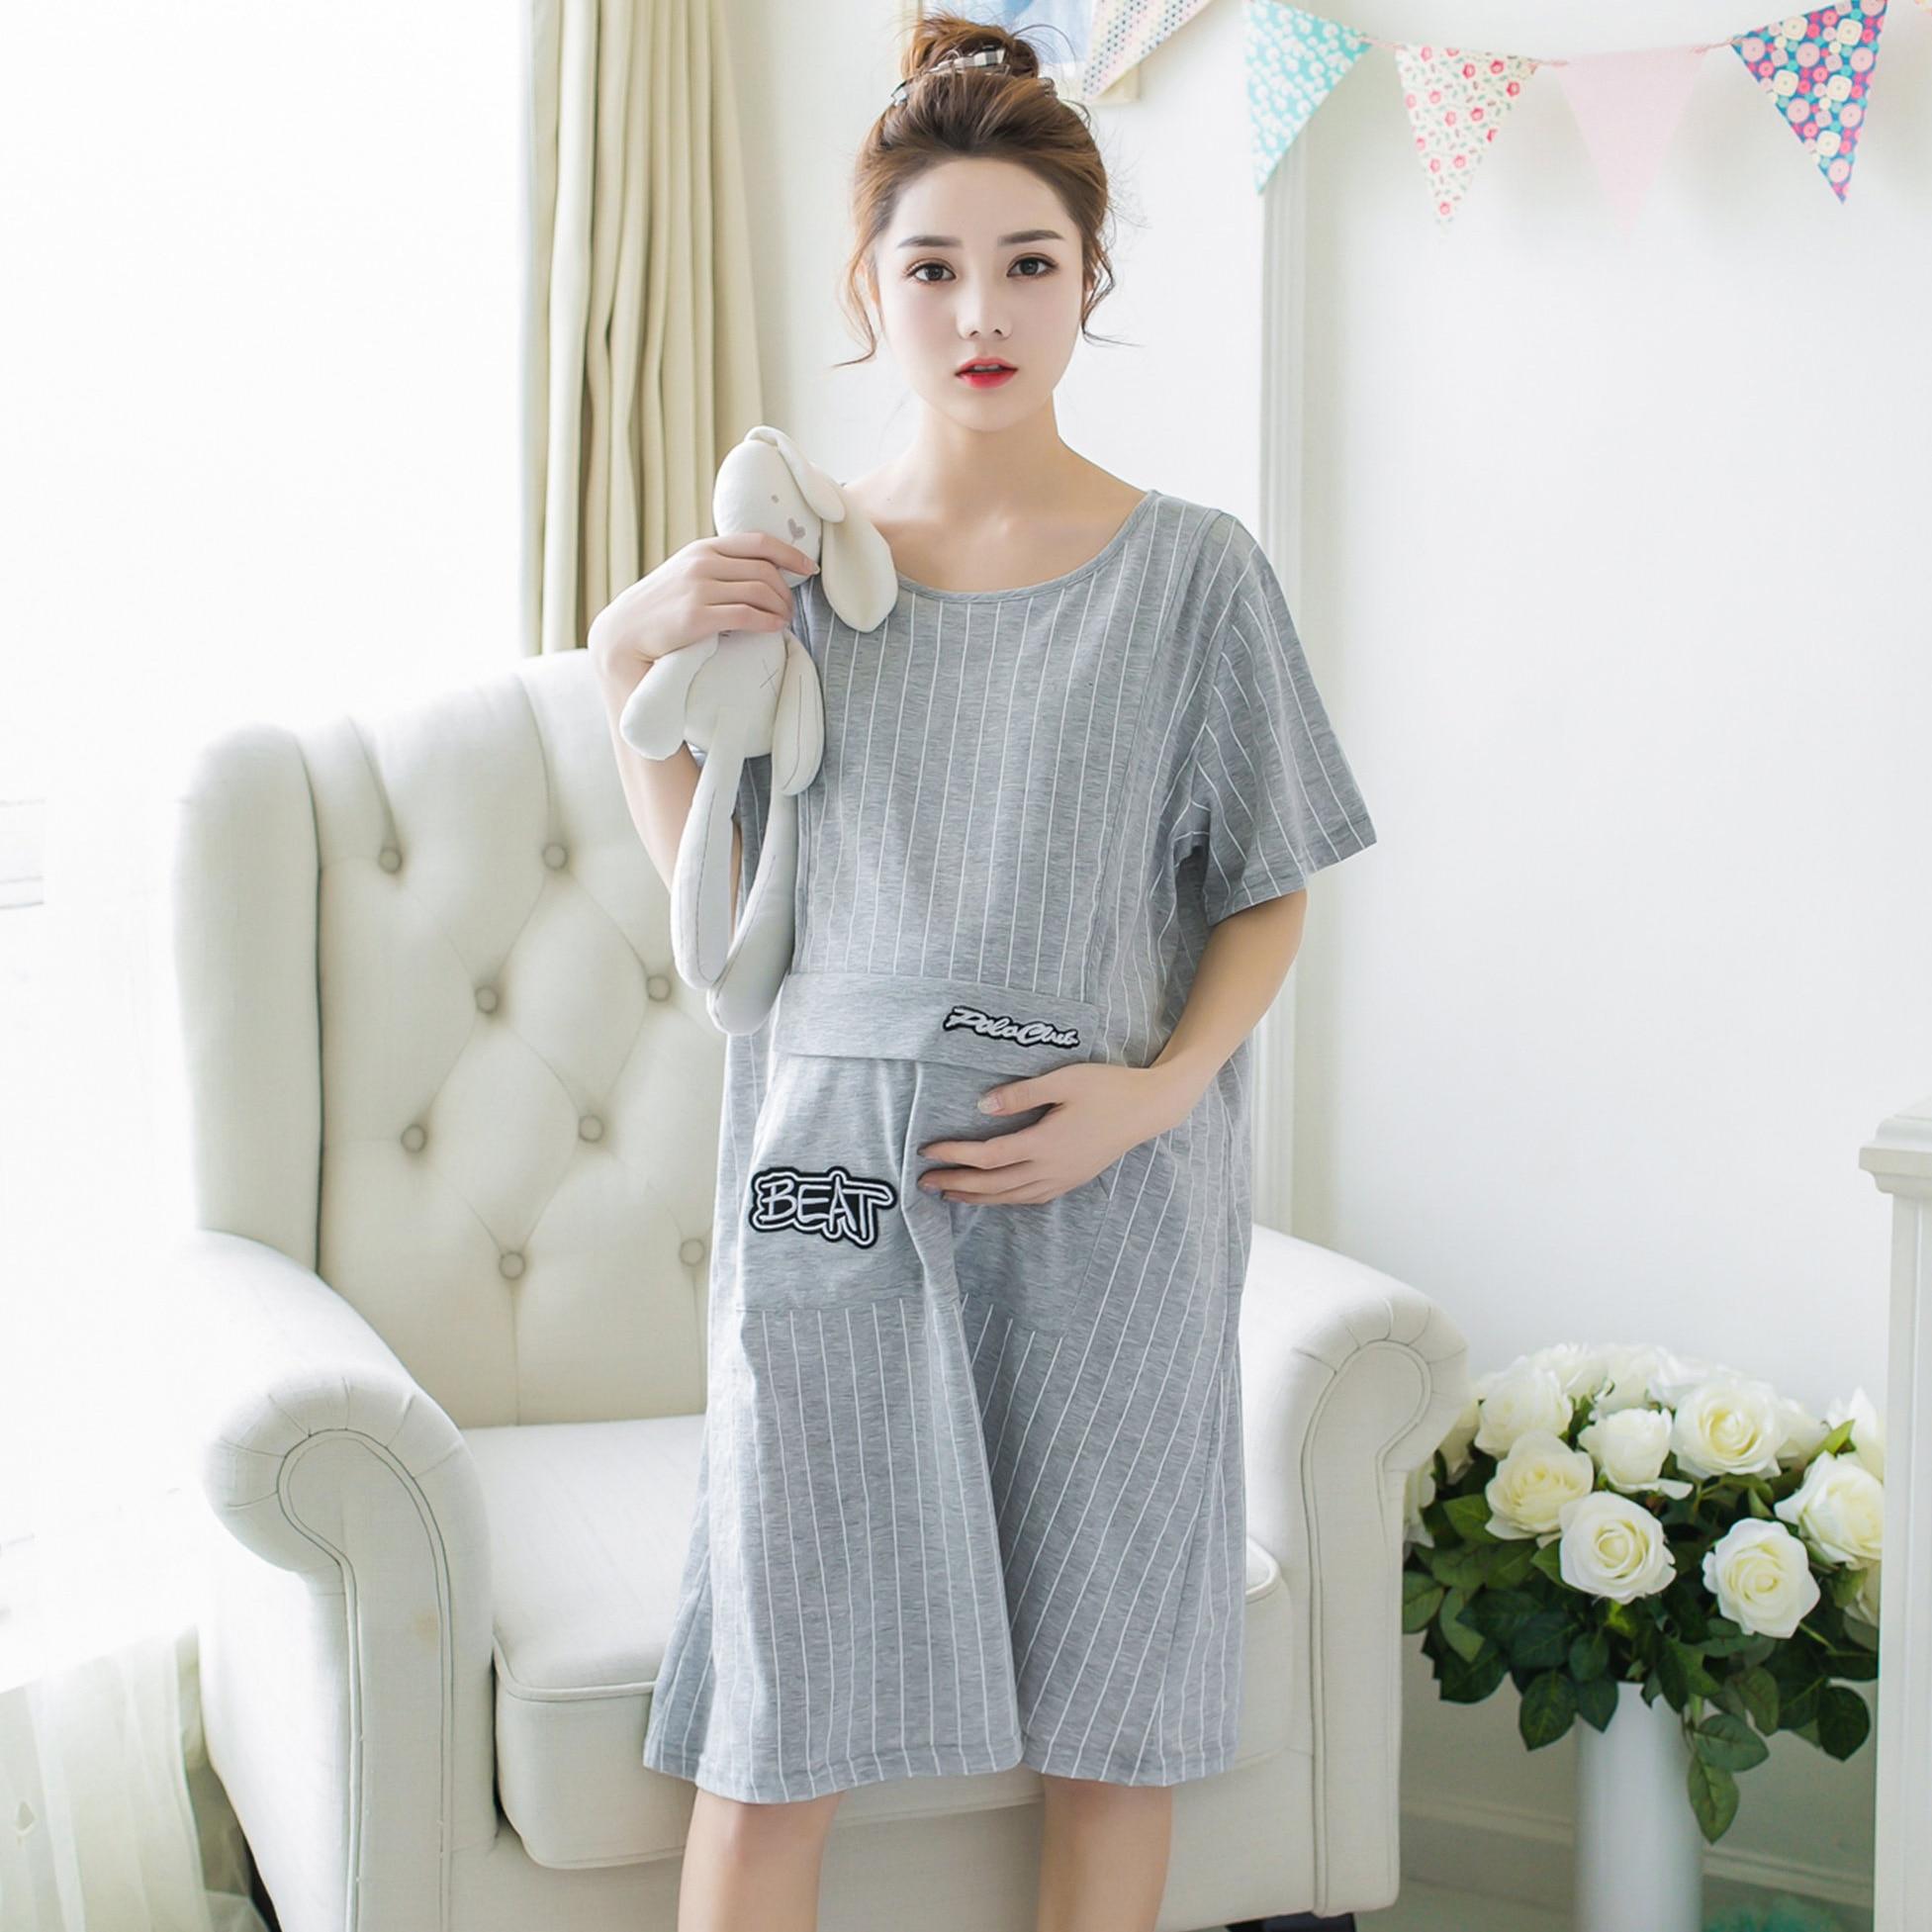 3e3bd51e36632 100 Cotton Nursing Clothes Pregnant Women Maternity · 363# 3xl 4xl Summer  Maternity Nightgown Loose